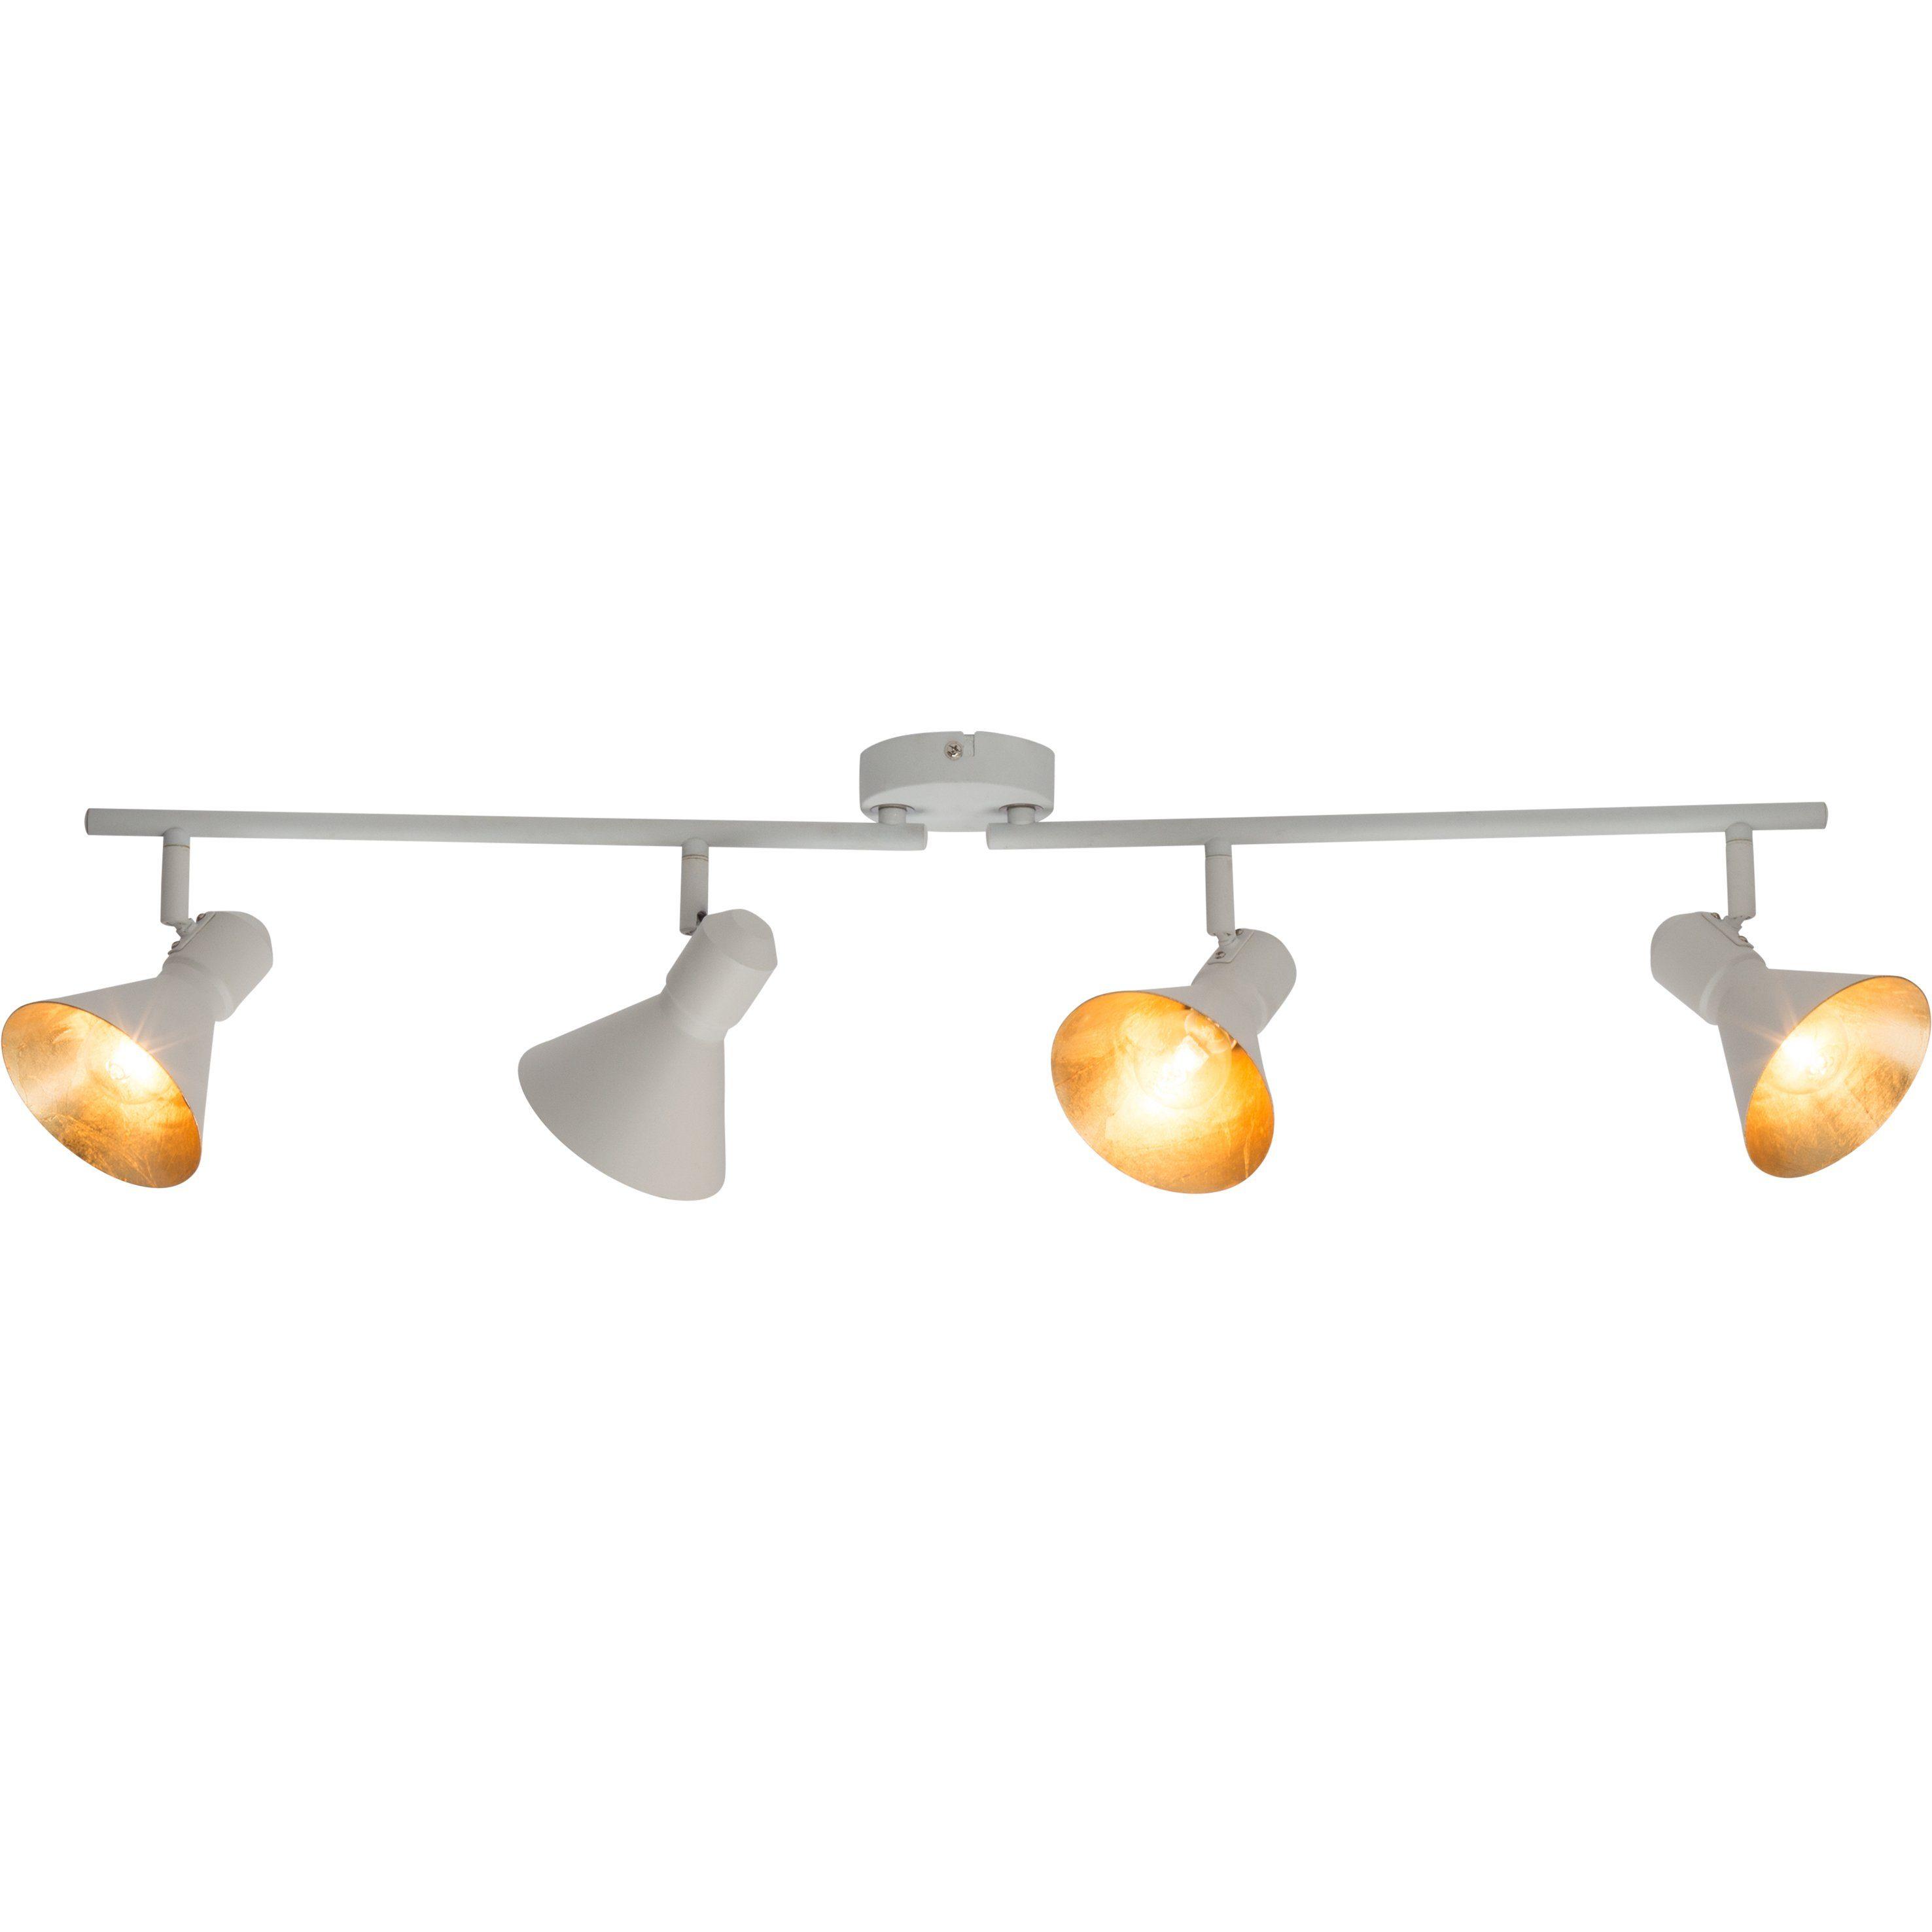 Brilliant Leuchten Aztekas Spotrohr, 4-flammig weiß/gold